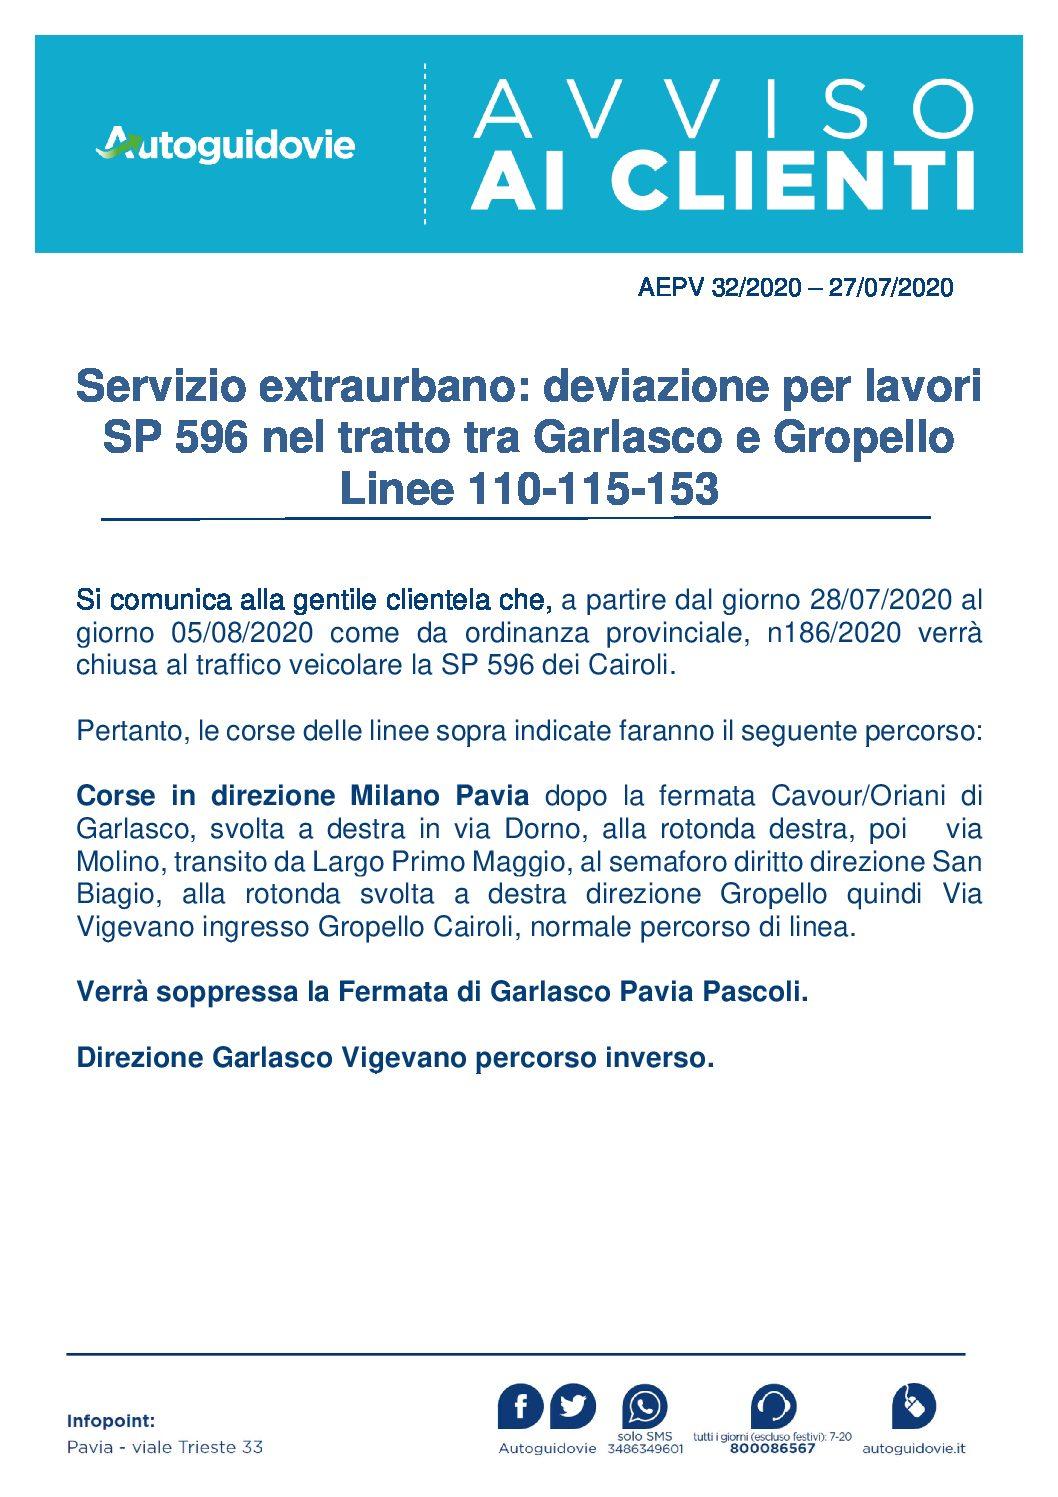 AUTOGUIDOVIE: DEVIAZIONE PER LAVORI SP 596 NEL TRATTO TRA GARLASCO E GROPELLO